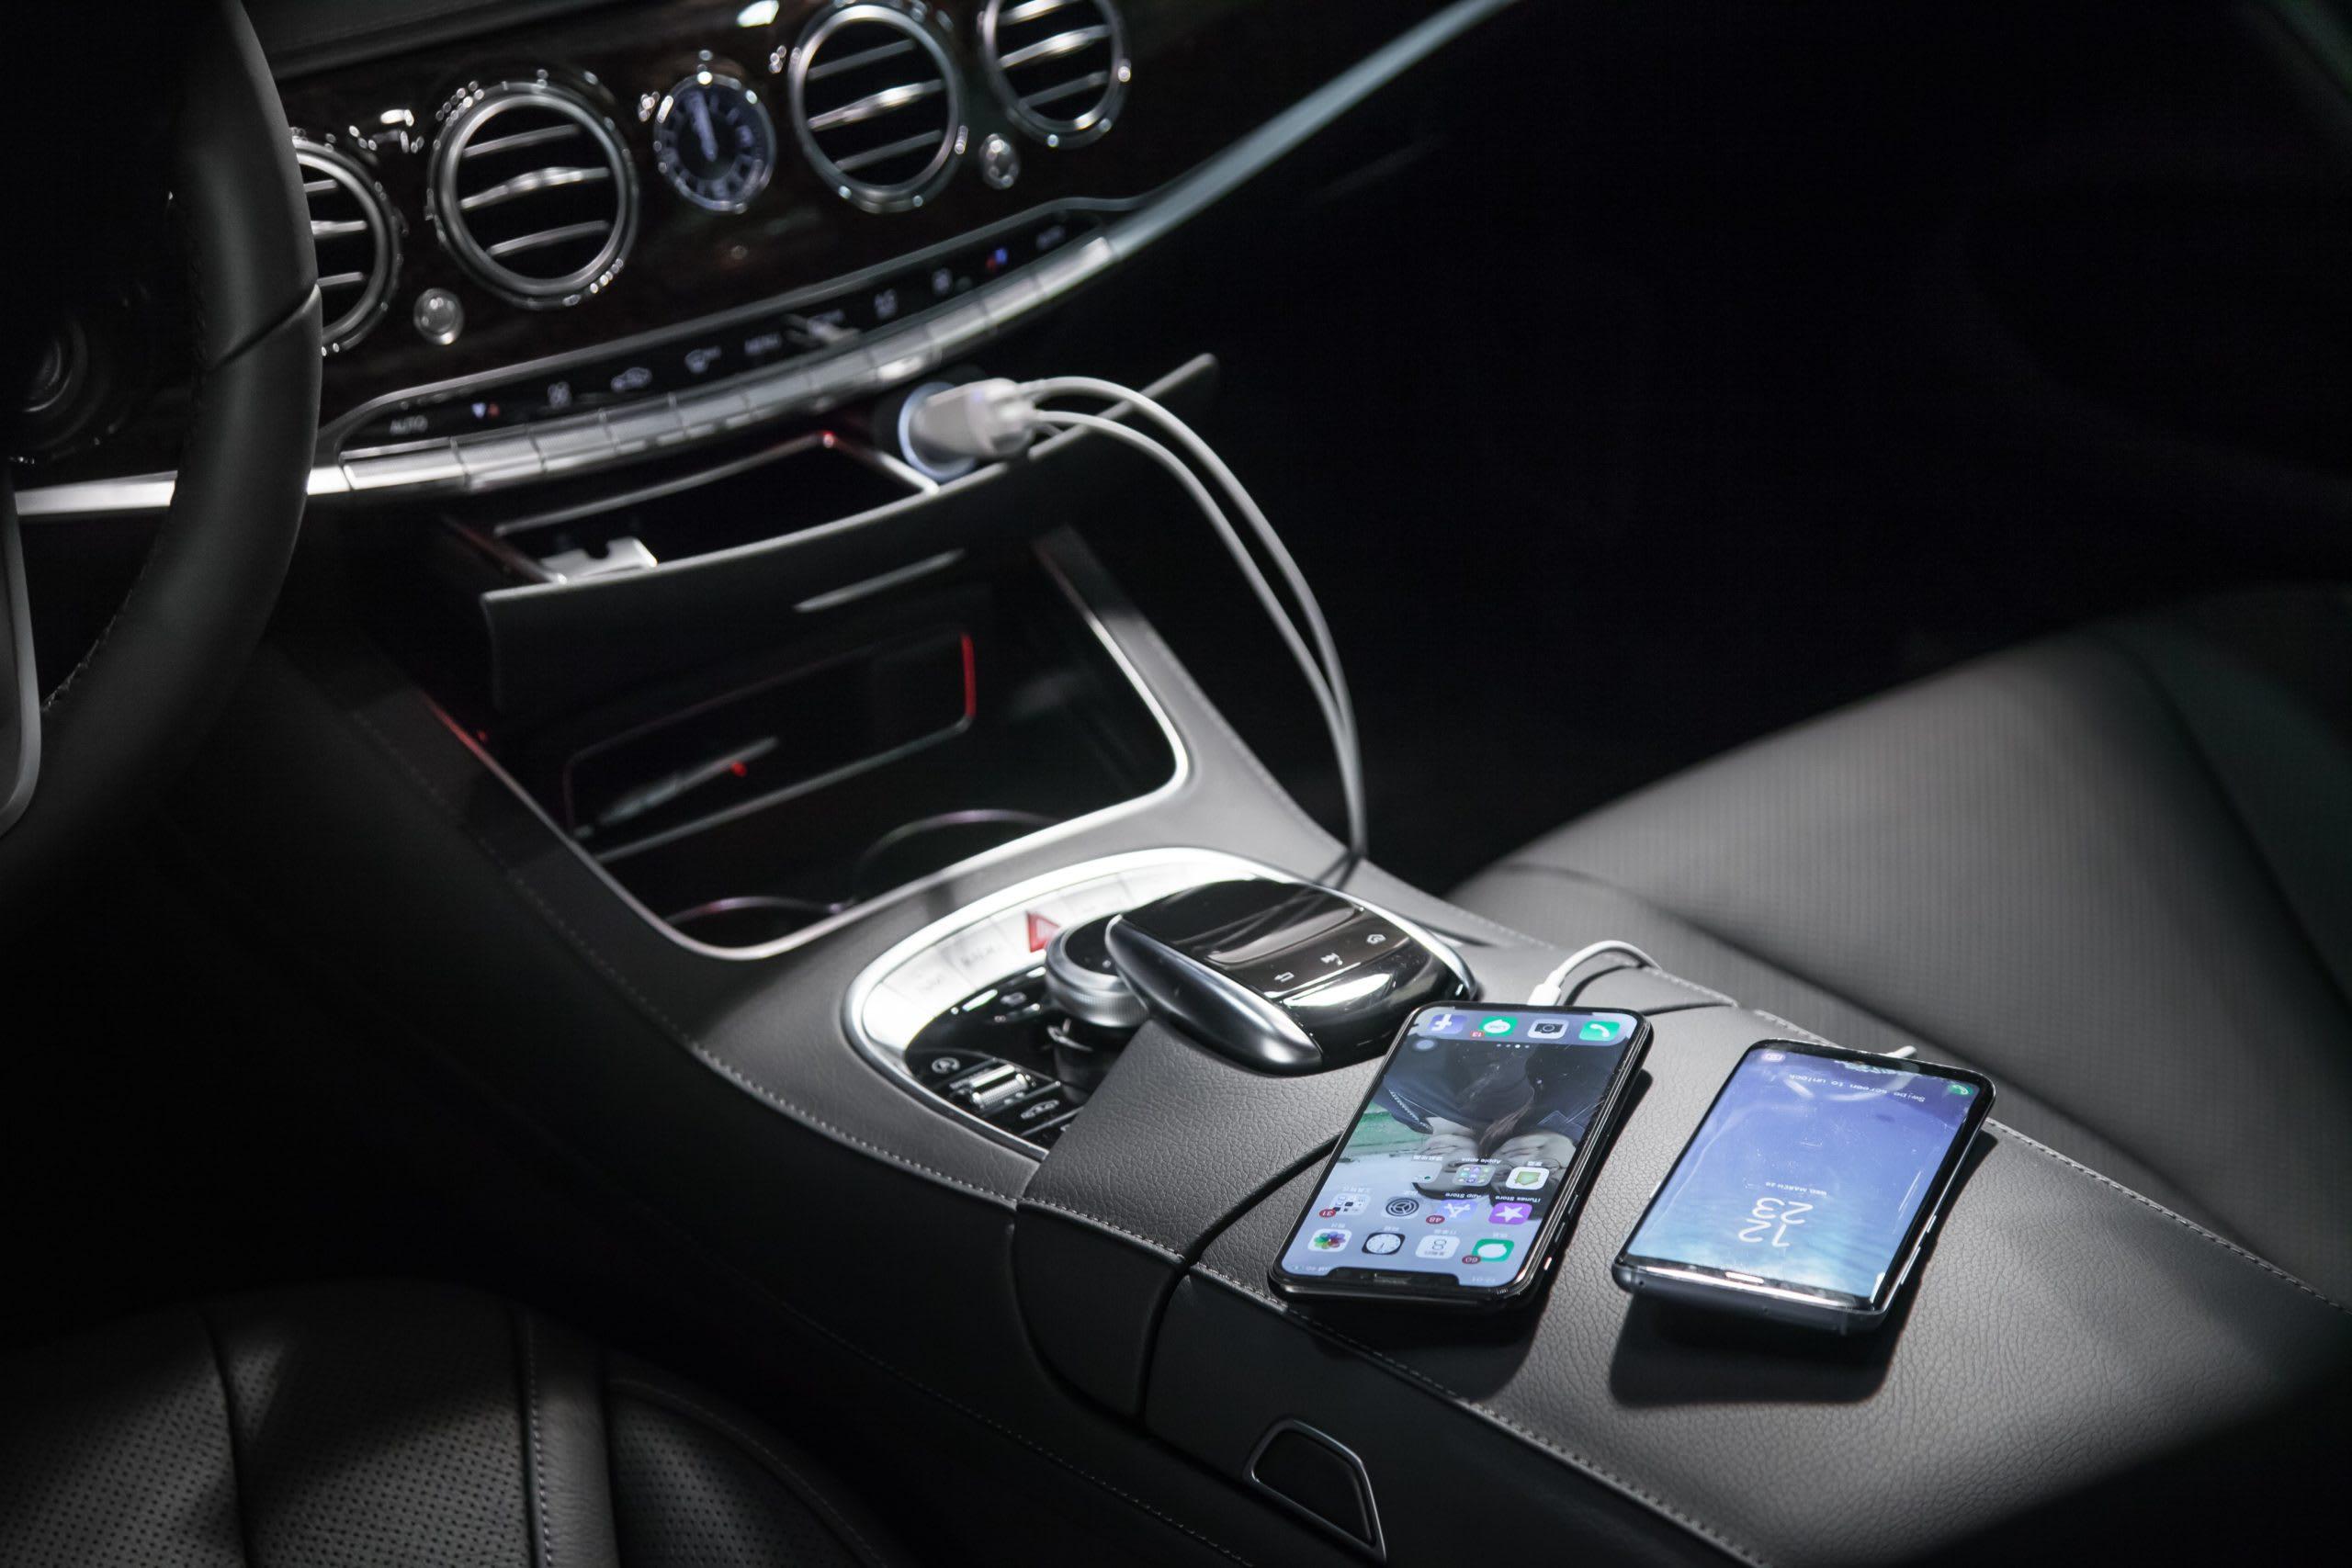 ladowarka-samochodowa-innergie-powerjoy-30d-img-0980-iShack-scaled